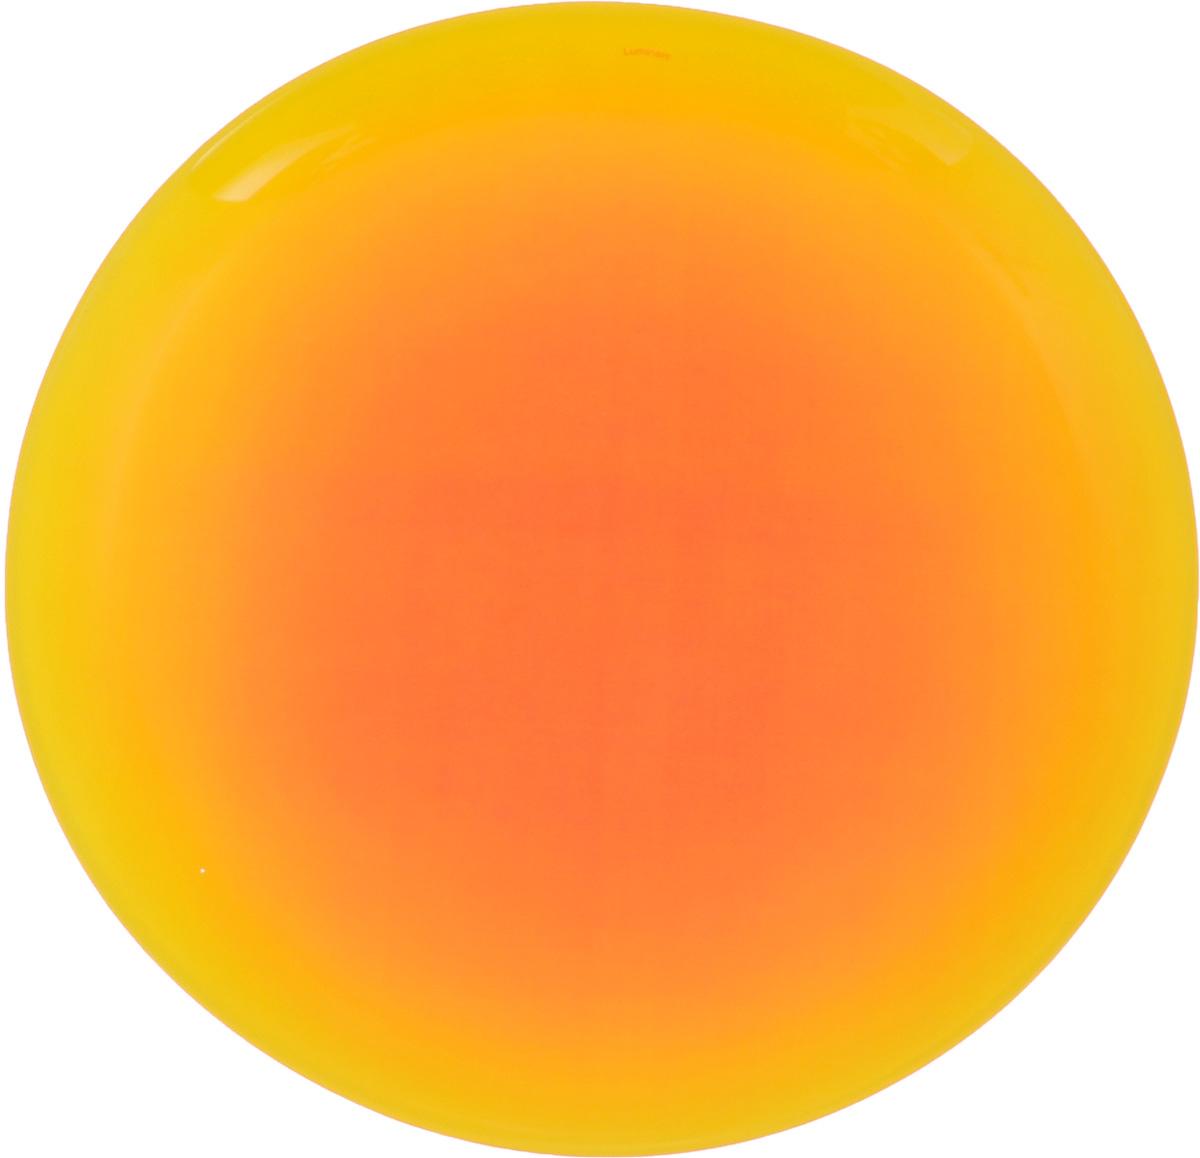 Тарелка Luminarc Fizz Lemon, диаметр 25 см115610Тарелка Luminarc Fizz Lemon, изготовленная из ударопрочного стекла и имеет оригинальный дизайн. Такая тарелка прекрасно подходит как для торжественных случаев, так и для повседневного использования. Идеальна для подачи десертов, пирожных, тортов и многого другого. Она прекрасно оформит стол и станет отличным дополнением к вашей коллекции кухонной посуды. Диаметр тарелки (по верхнему краю): 25 см. Высота тарелки: 2,2 см.